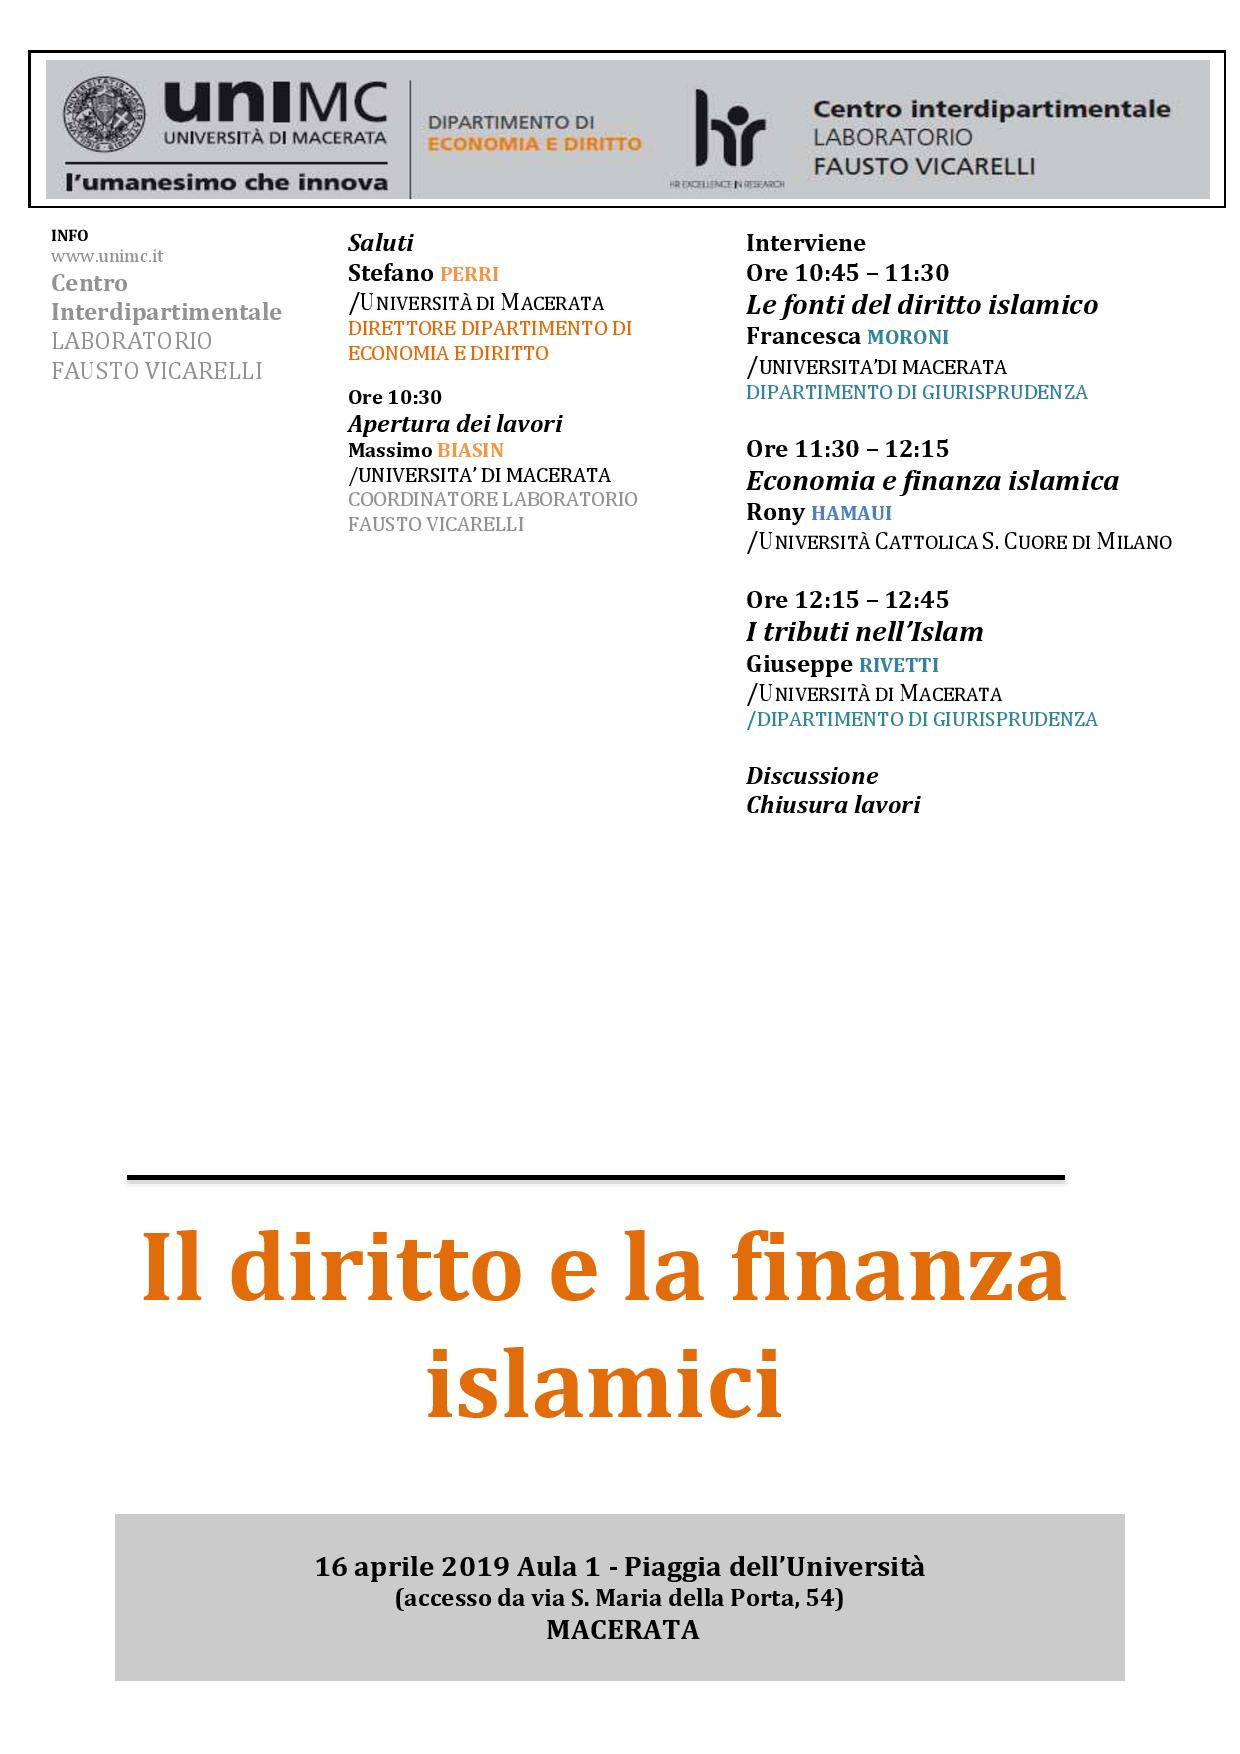 SEMINARIO: Il diritto e la finanza islamici